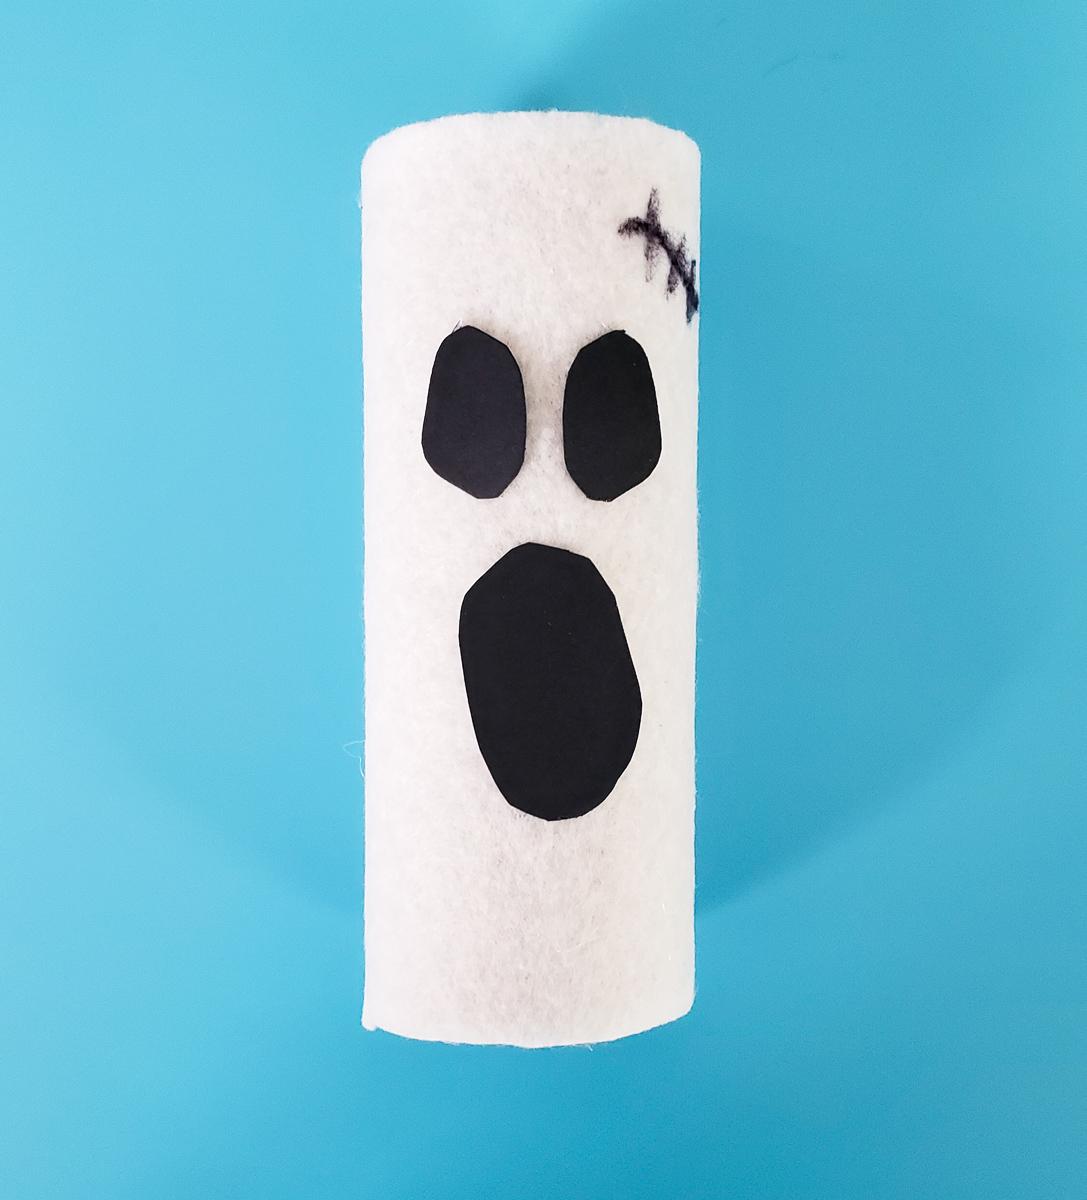 monstre-halloween-bricolage-rouleau-de-papier-wooloo